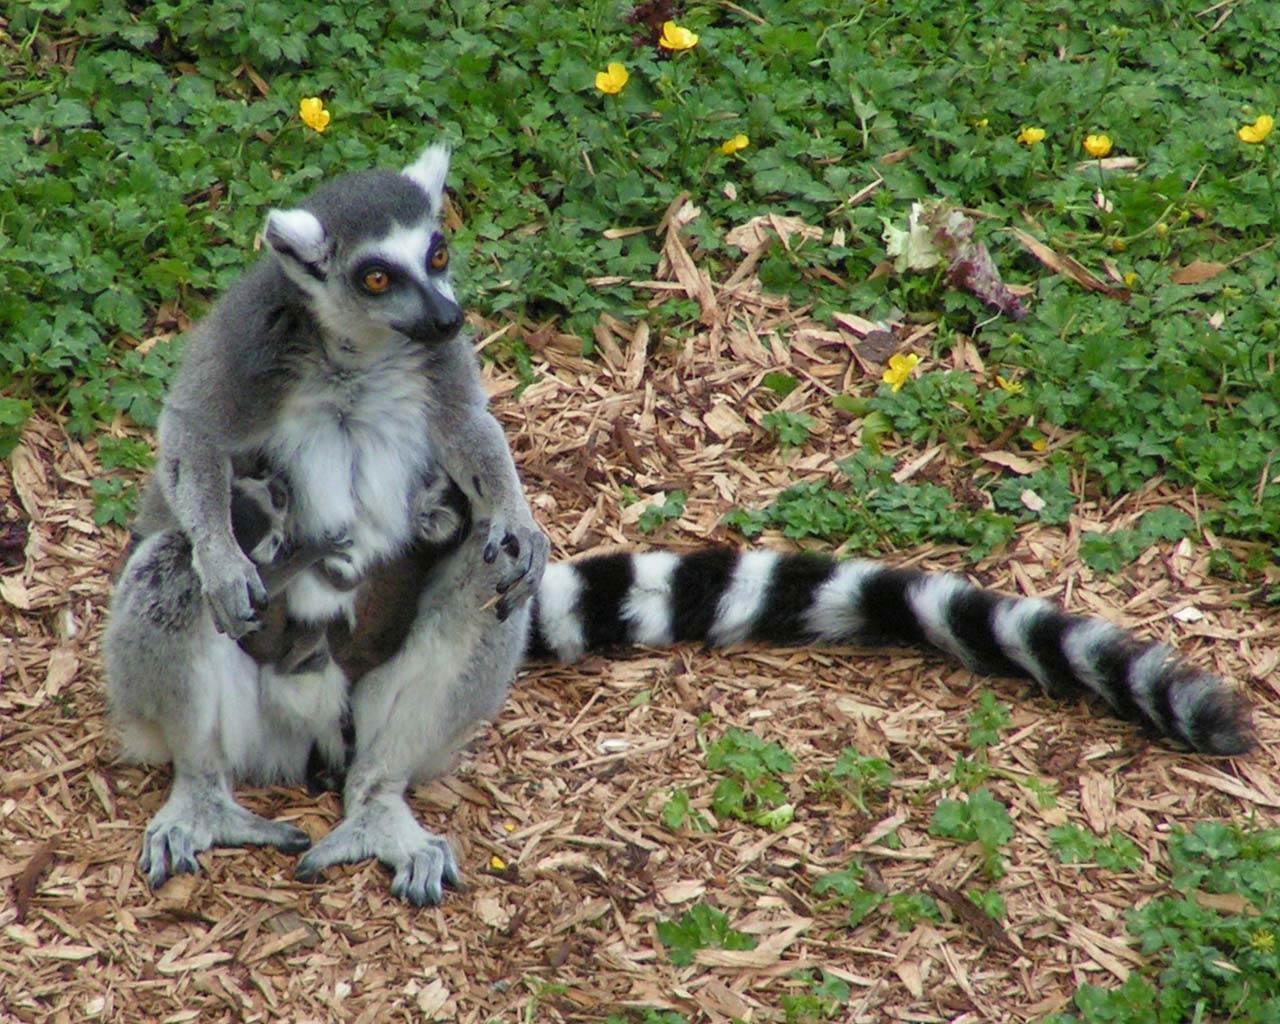 Download Lemur Wallpaper - lemur-wallpaper-1  Perfect Image Reference_884270.jpg